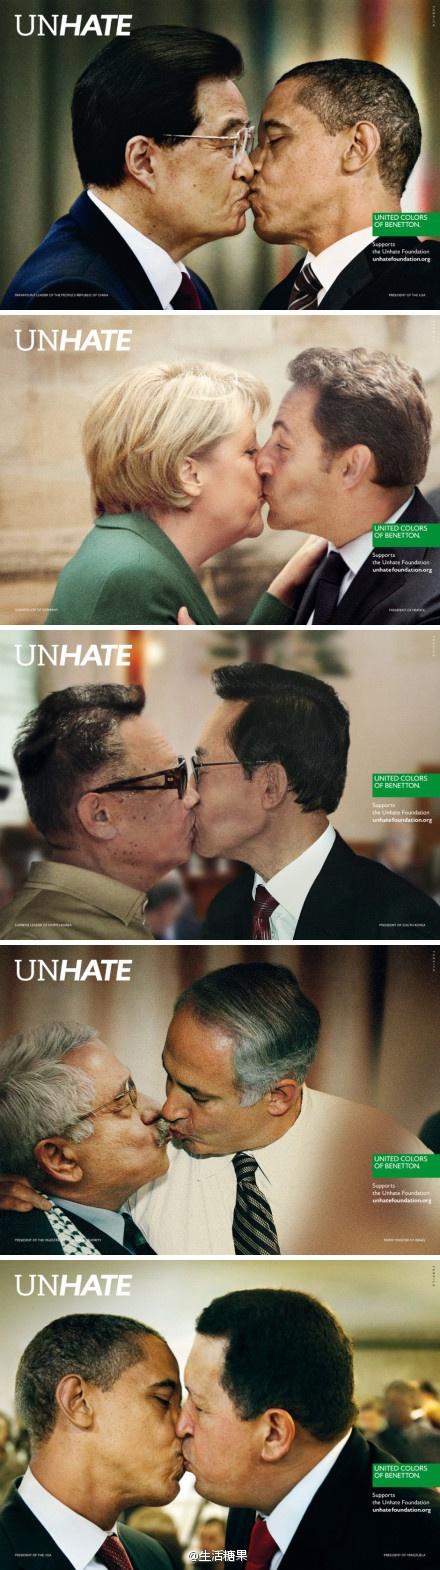 """贝纳通的广告,UNHATE""""不要憎恨"""",灰常有创意"""